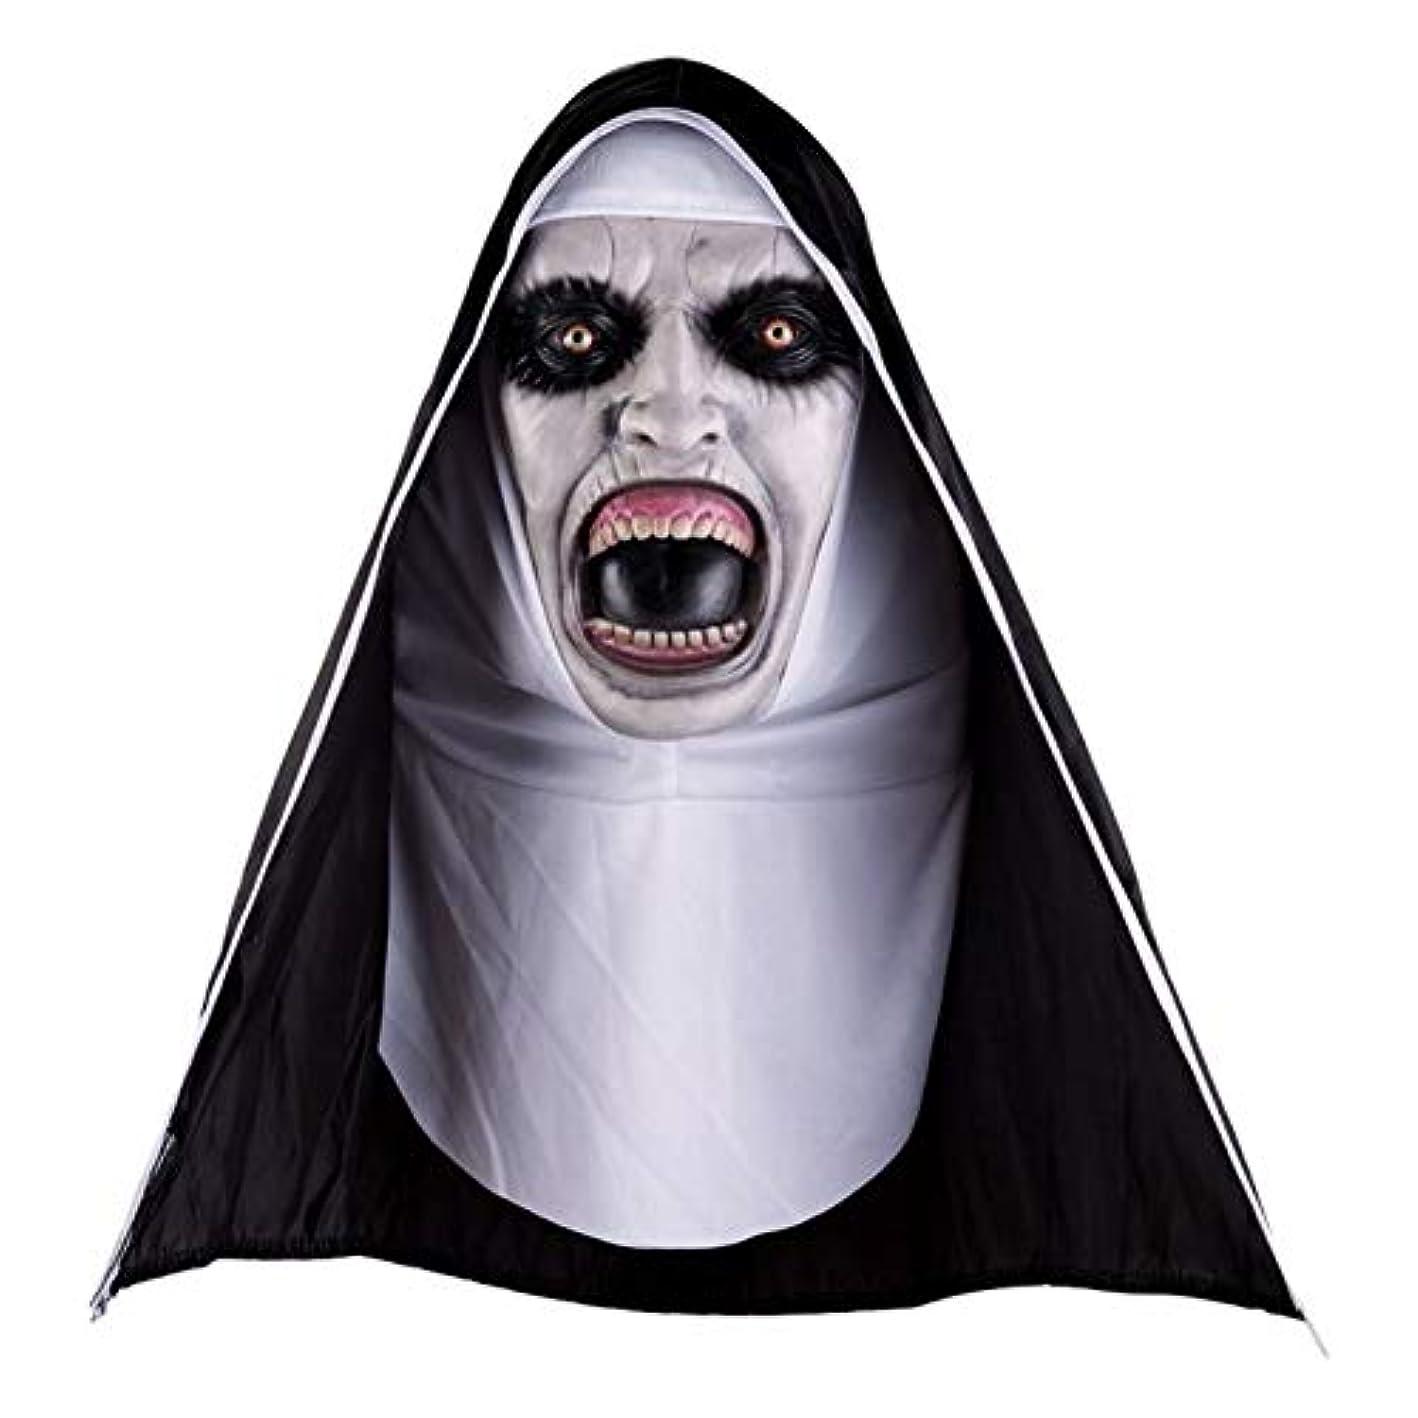 民族主義放射性給料Esolom ハロウィーンの怖いマスク ラテックス修道女マスク フルフェイスカバレッジ フード付き 大人と子供のロールプレイング いたずら小道具